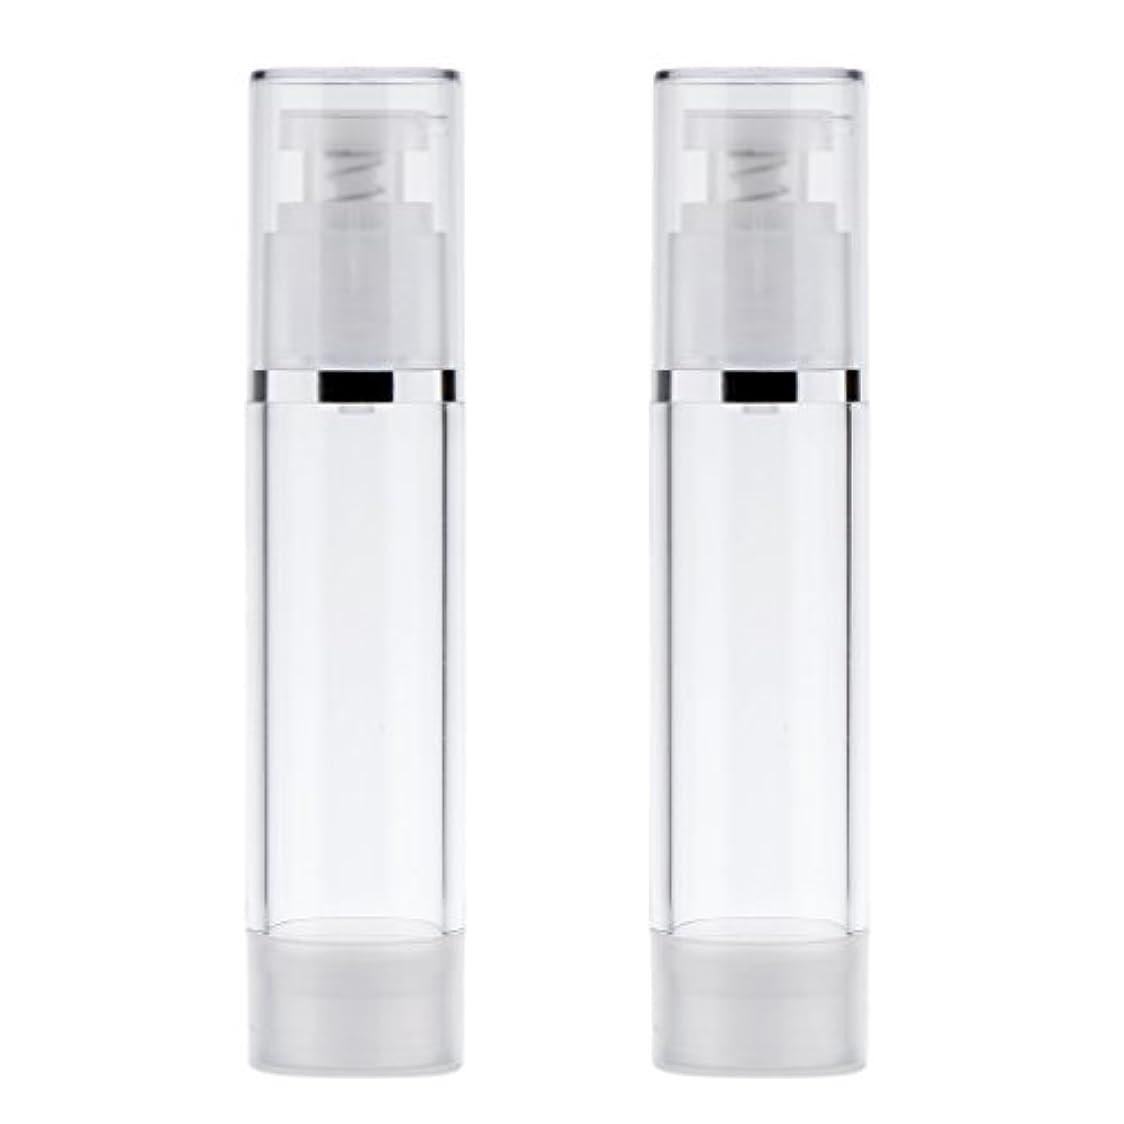 フェデレーション貞インキュバスBlesiya 2個 ポンプボトル ディスペンサー 詰め替え可 化粧品 クリーム ローション ポンプチューブ エアレスボトル 収納用 容器 3サイズ選べる - 50ml